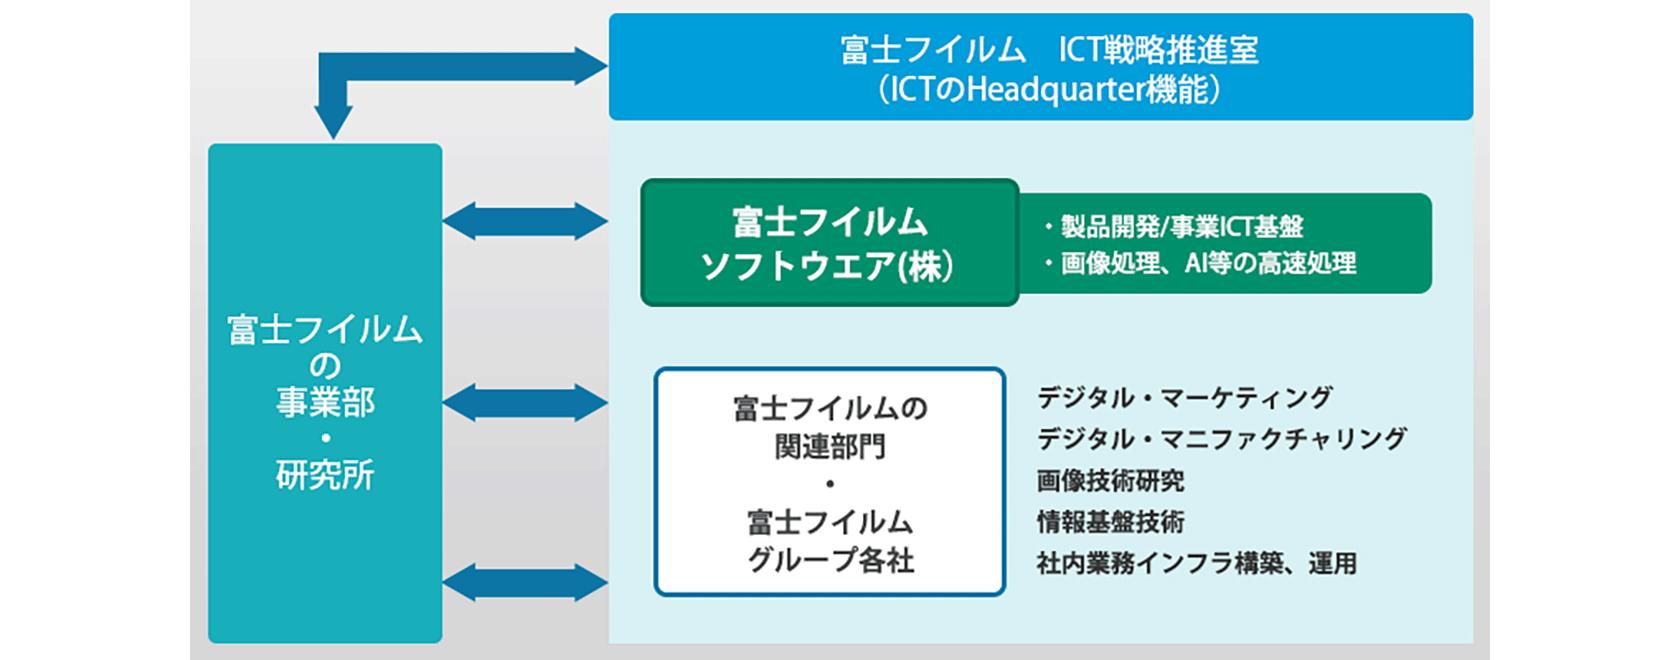 [図] 富士フイルムソフトウエアのバリューチェーン